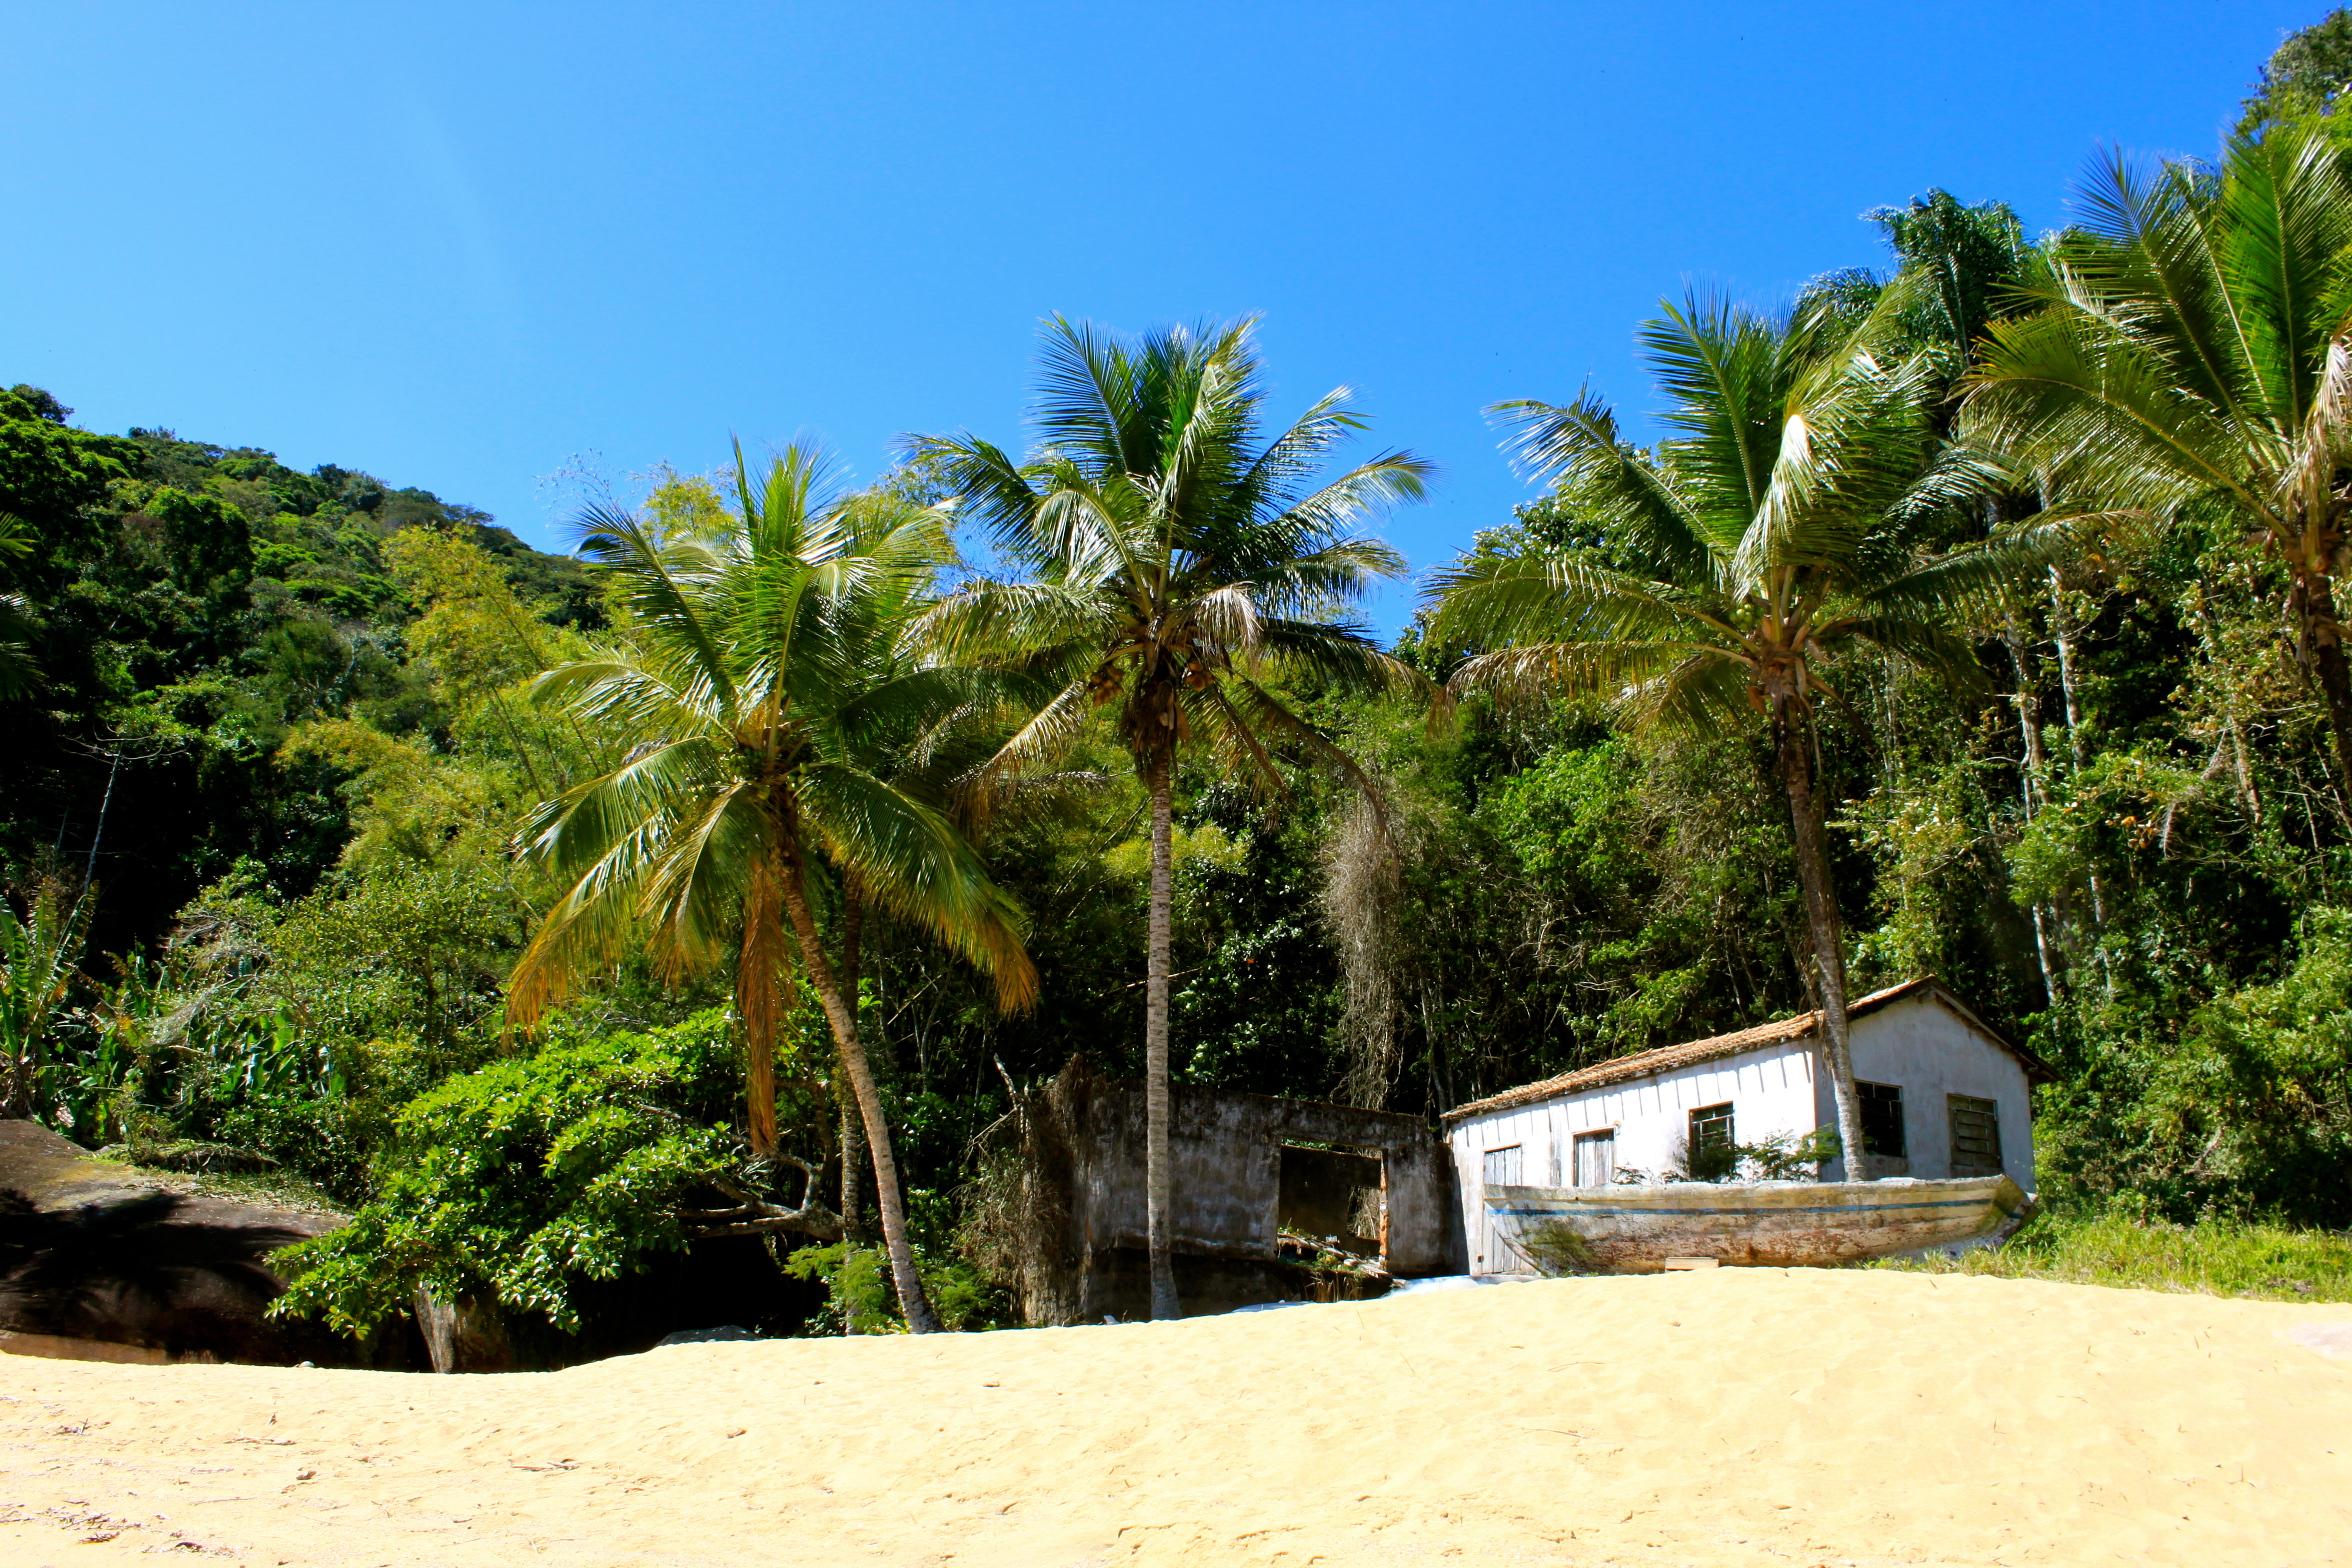 Itaguacu shores